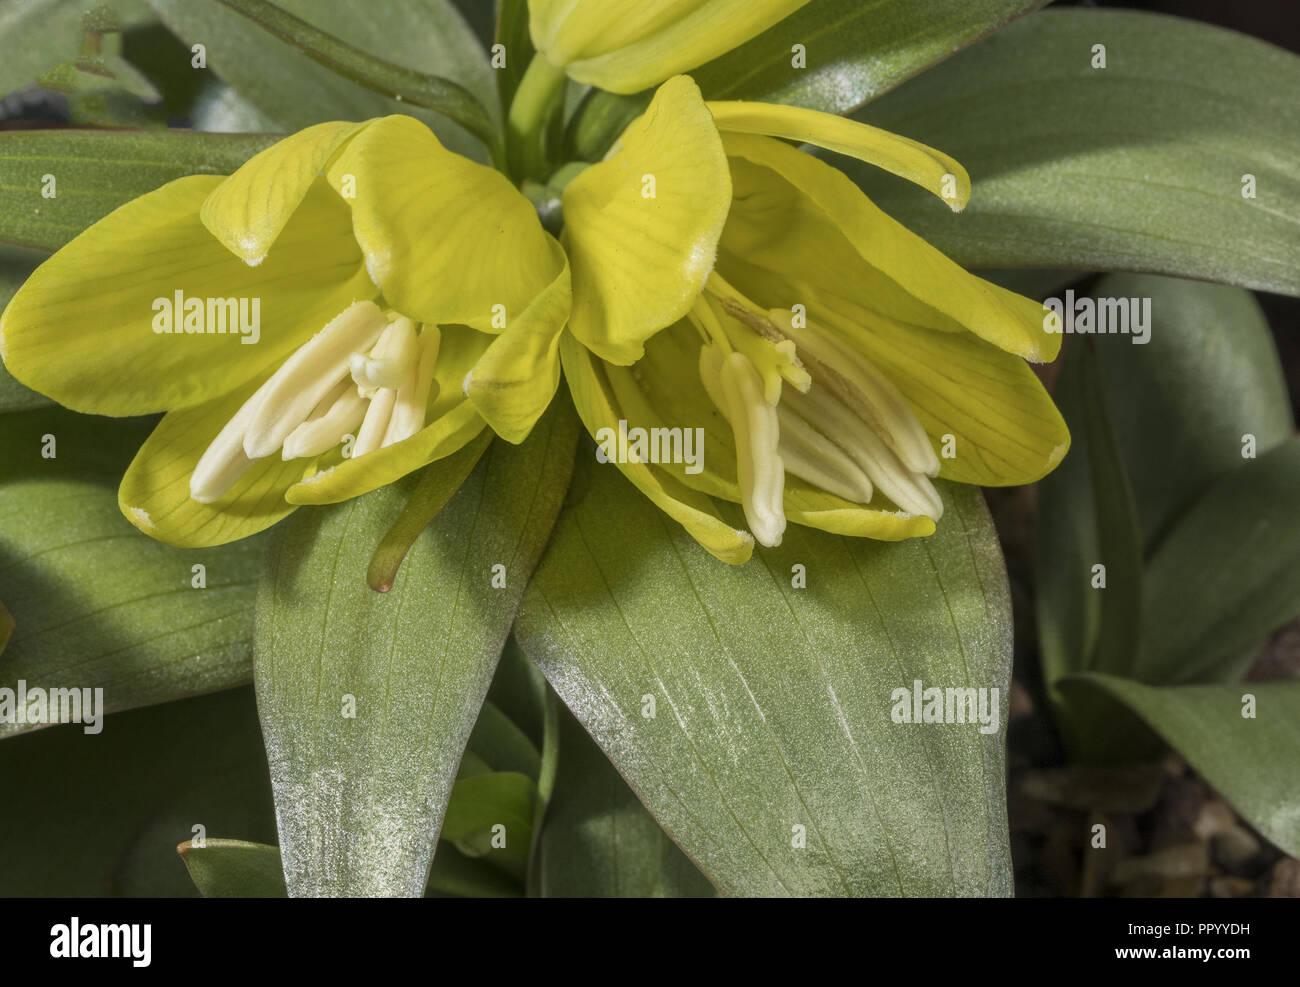 Chitral Fritillary, Fritillaria chitralensis, from western Himalayas. - Stock Image